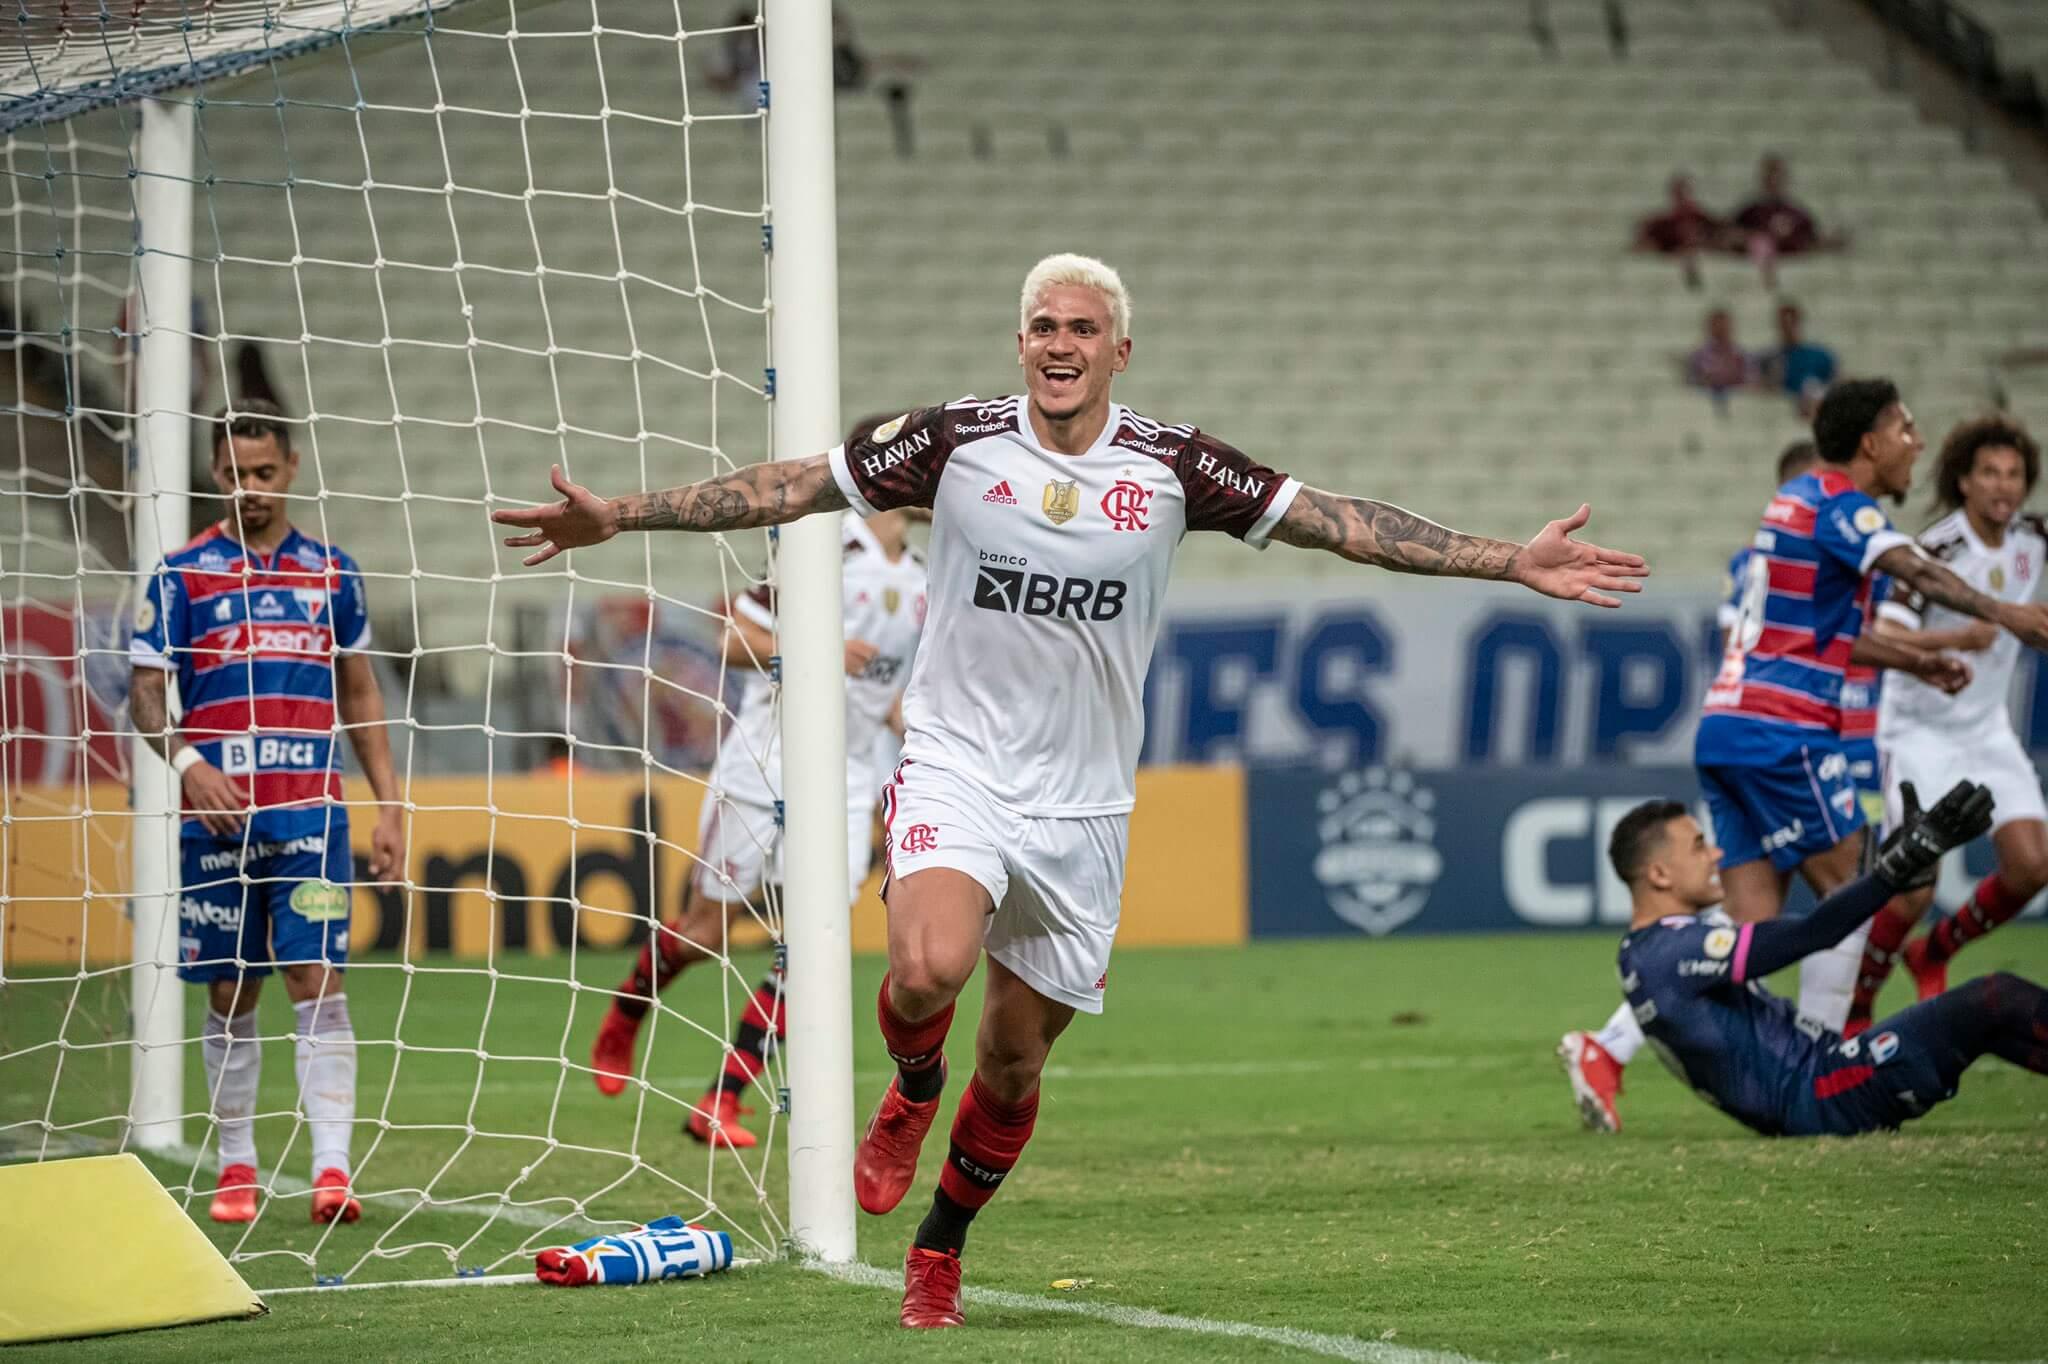 Pedro comemora o gol pelo Flamengo